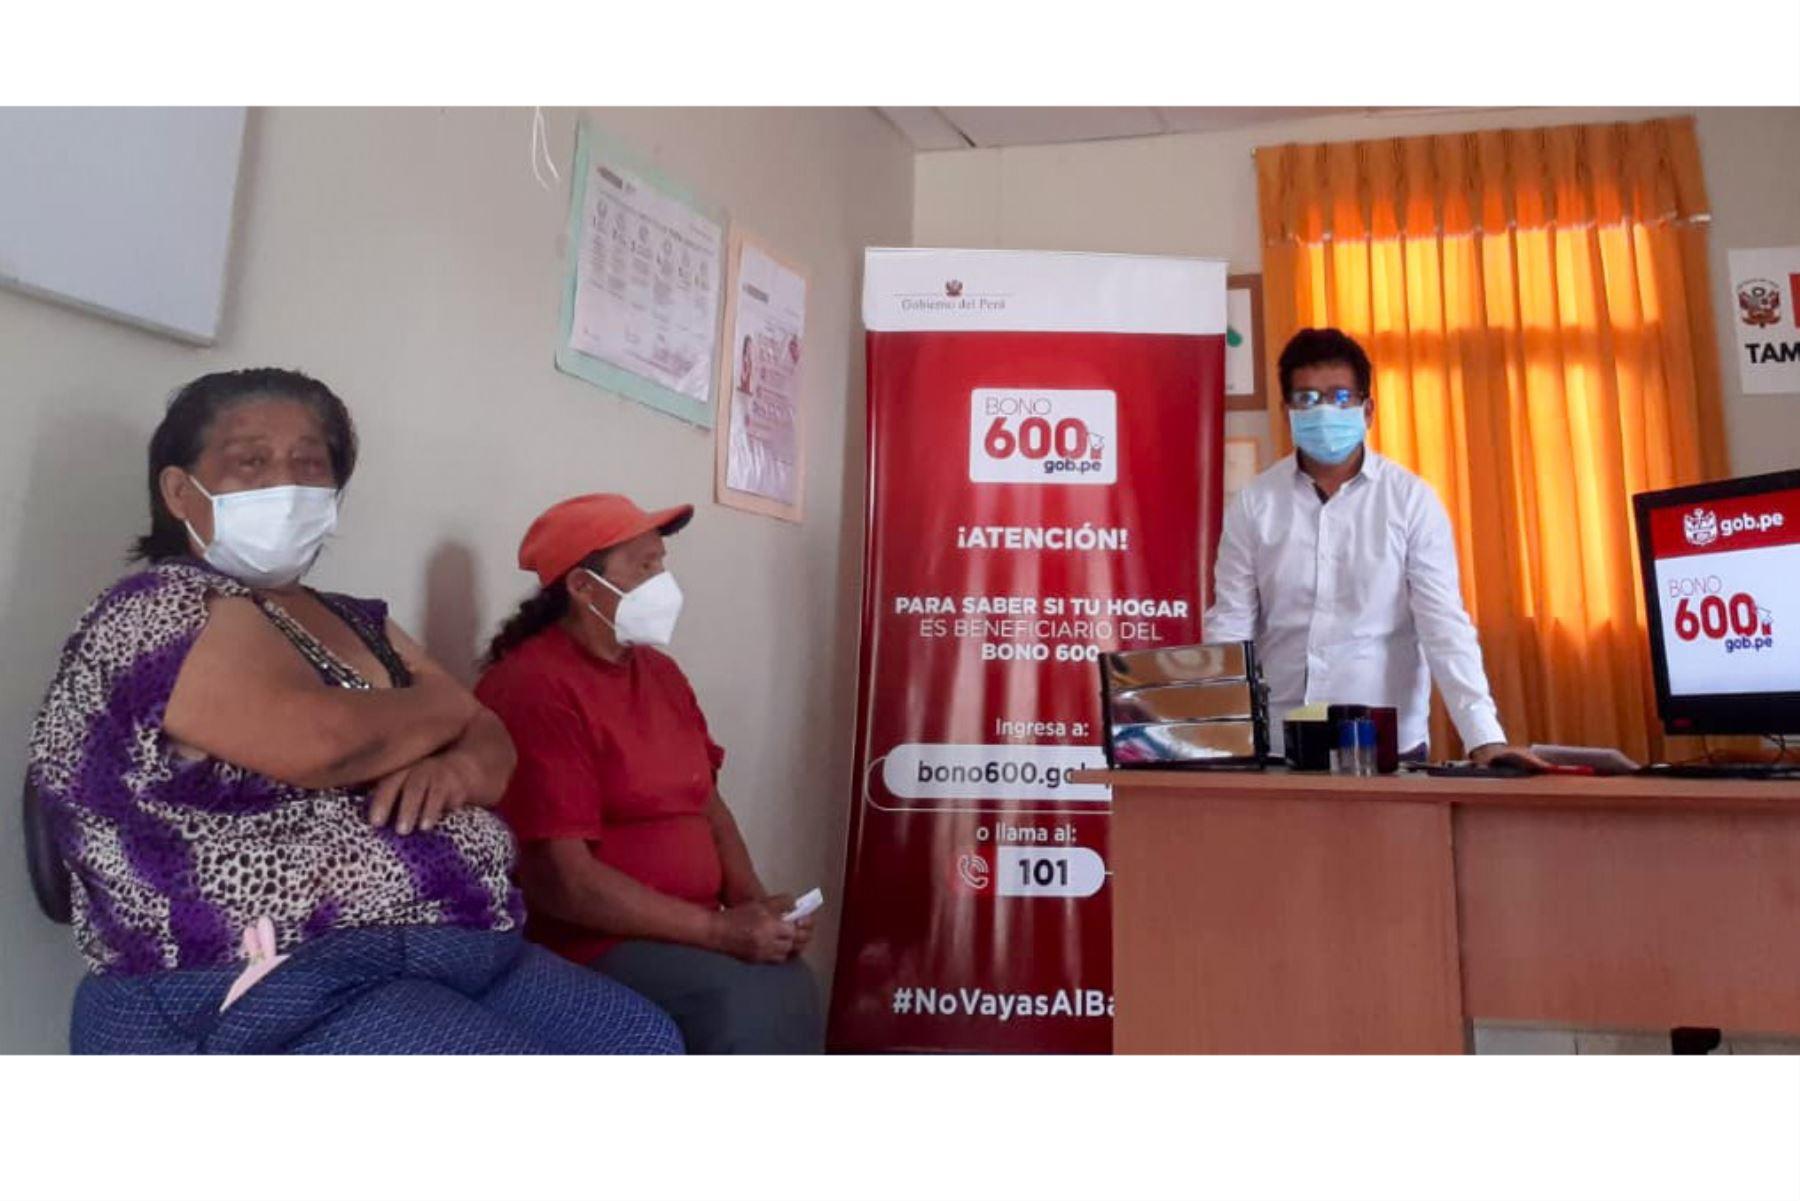 Población de zonas rurales reciben orientación sobre el Bono 600, en 176 Tambos ubicados en las regiones priorizadas. Foto: ANDINA/ Midis